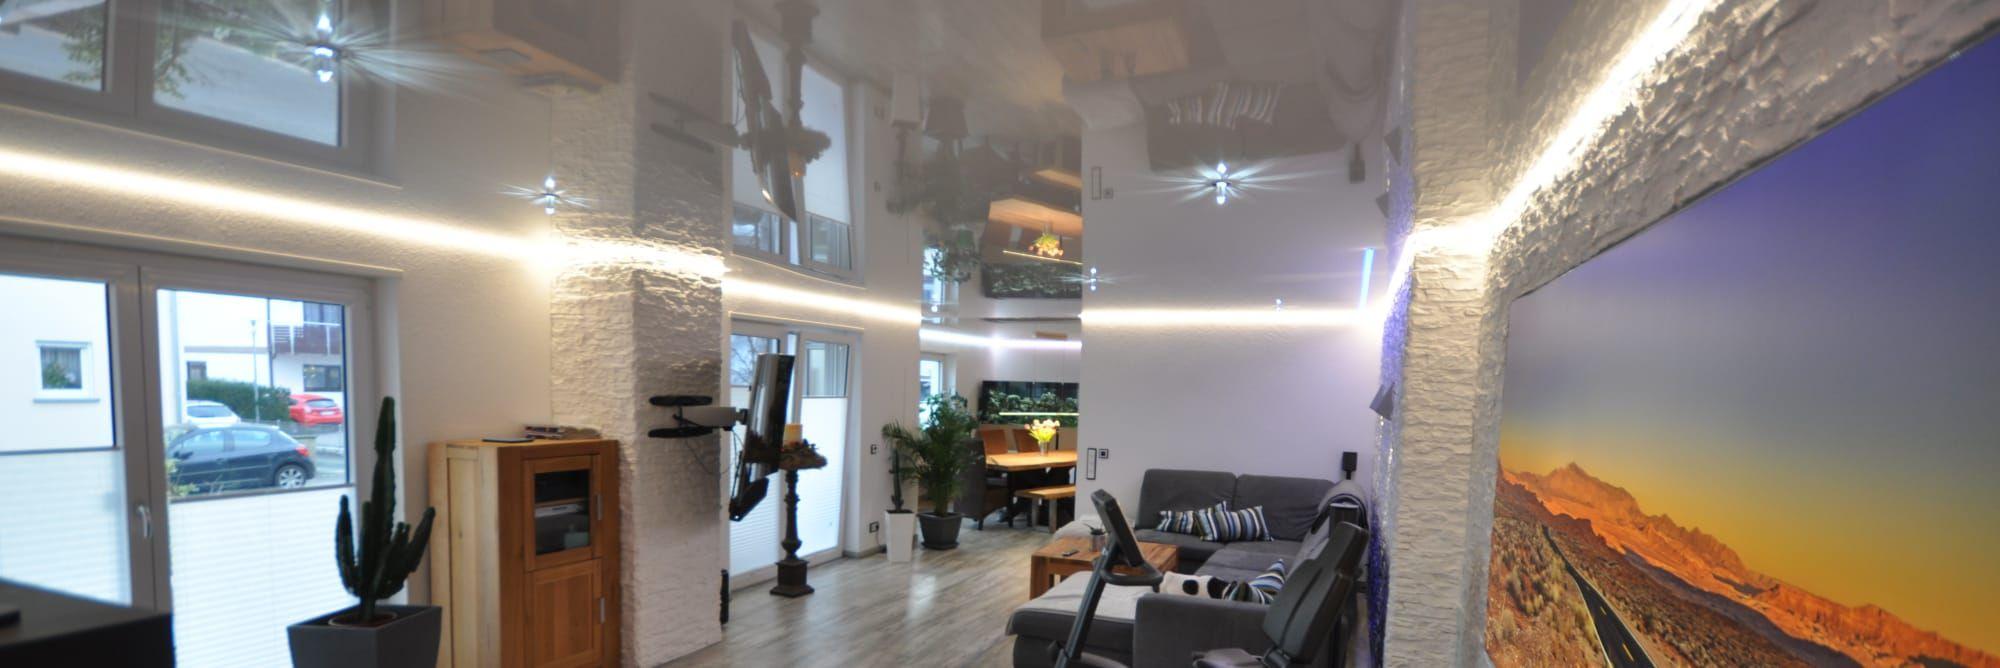 Lackspanndecke im Wohnzimmer, weiss Hochglanz, LED-Lichtkanal